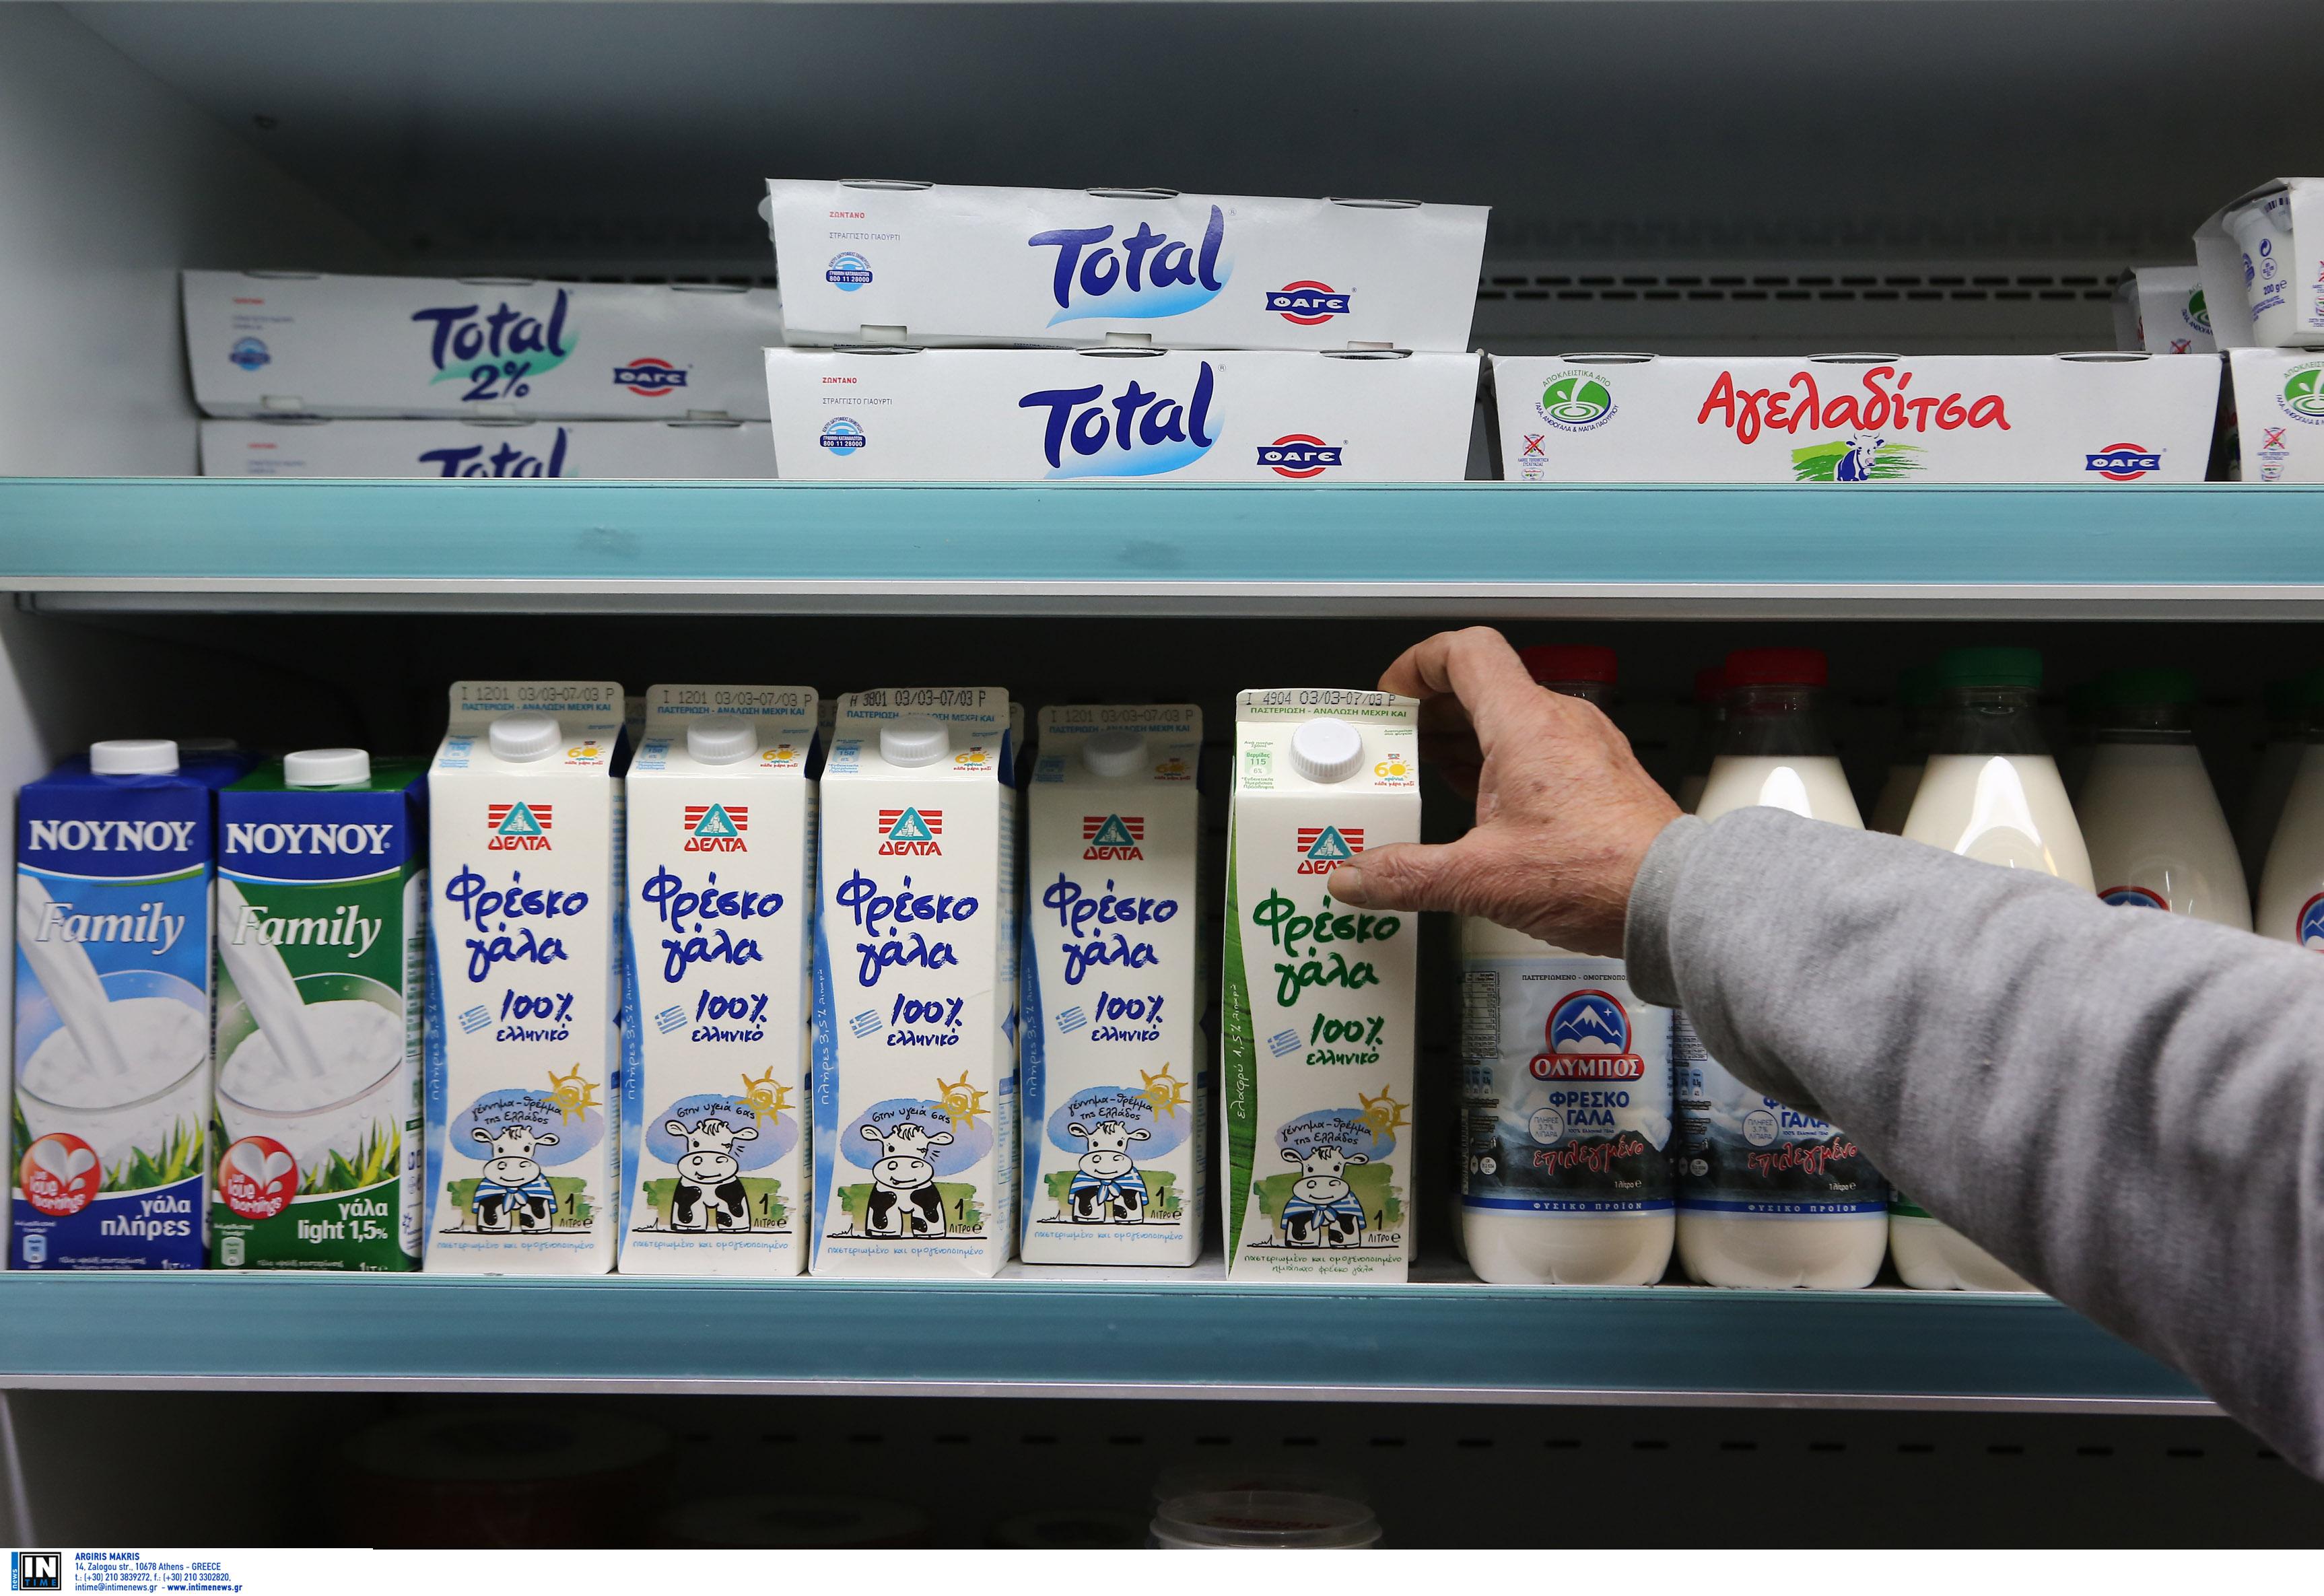 Θεσσαλονίκη: Ξύλο σε σούπερ μάρκετ – Τραυμάτισαν την προϊσταμένη όταν τις έπιασε να κλέβουν